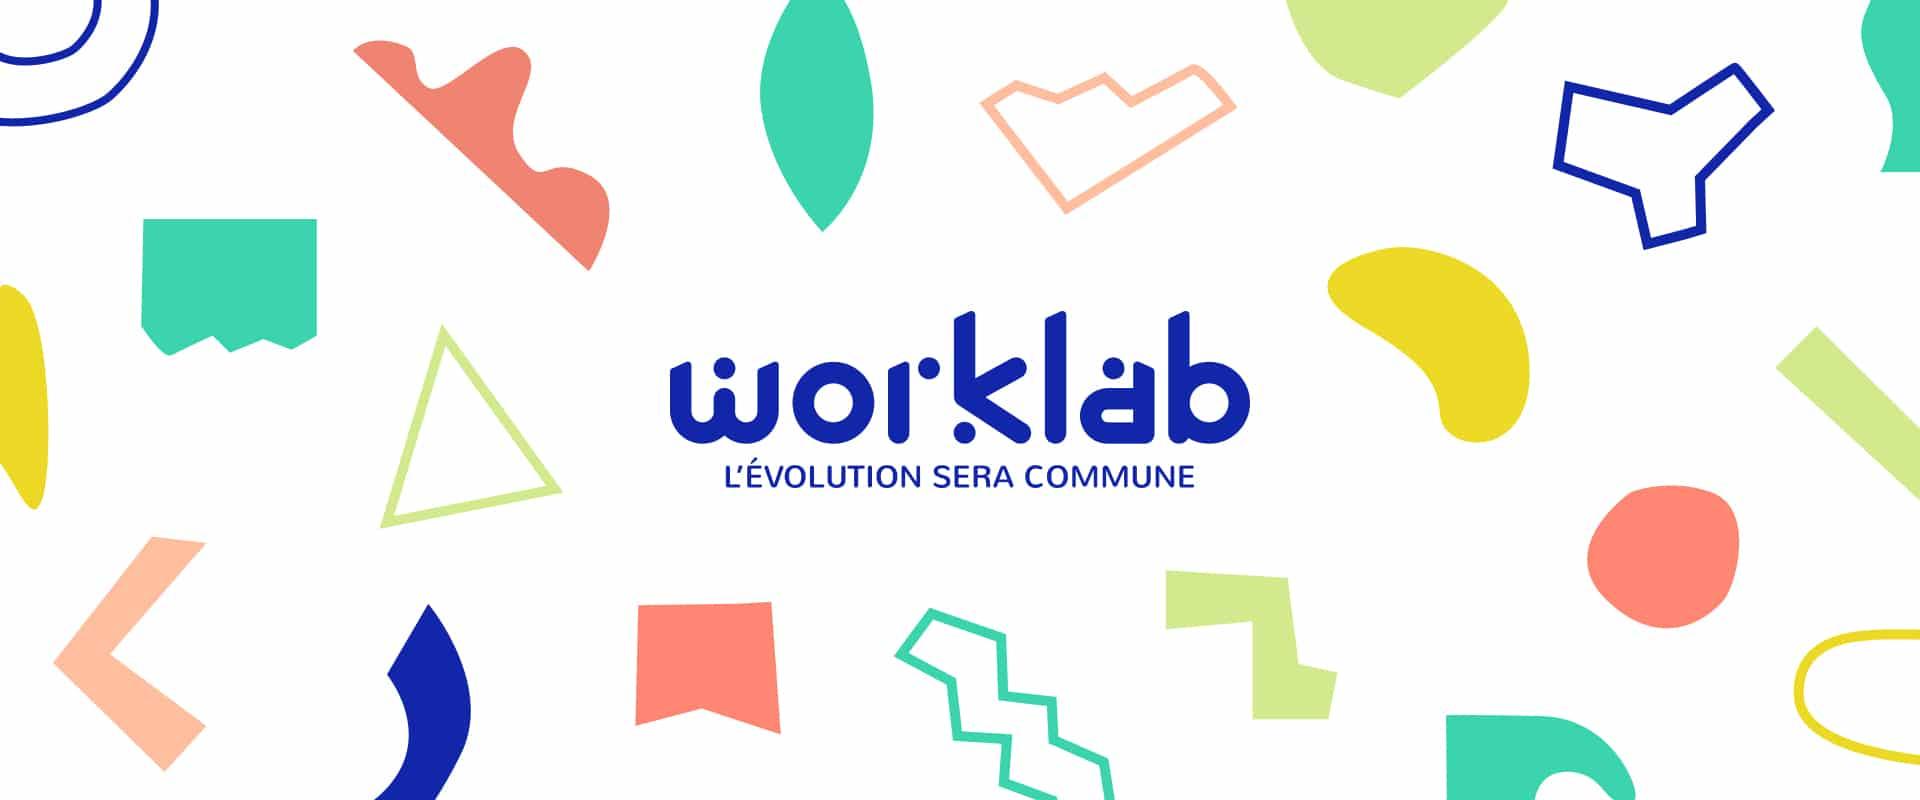 Worklab - L'évolution sera commune